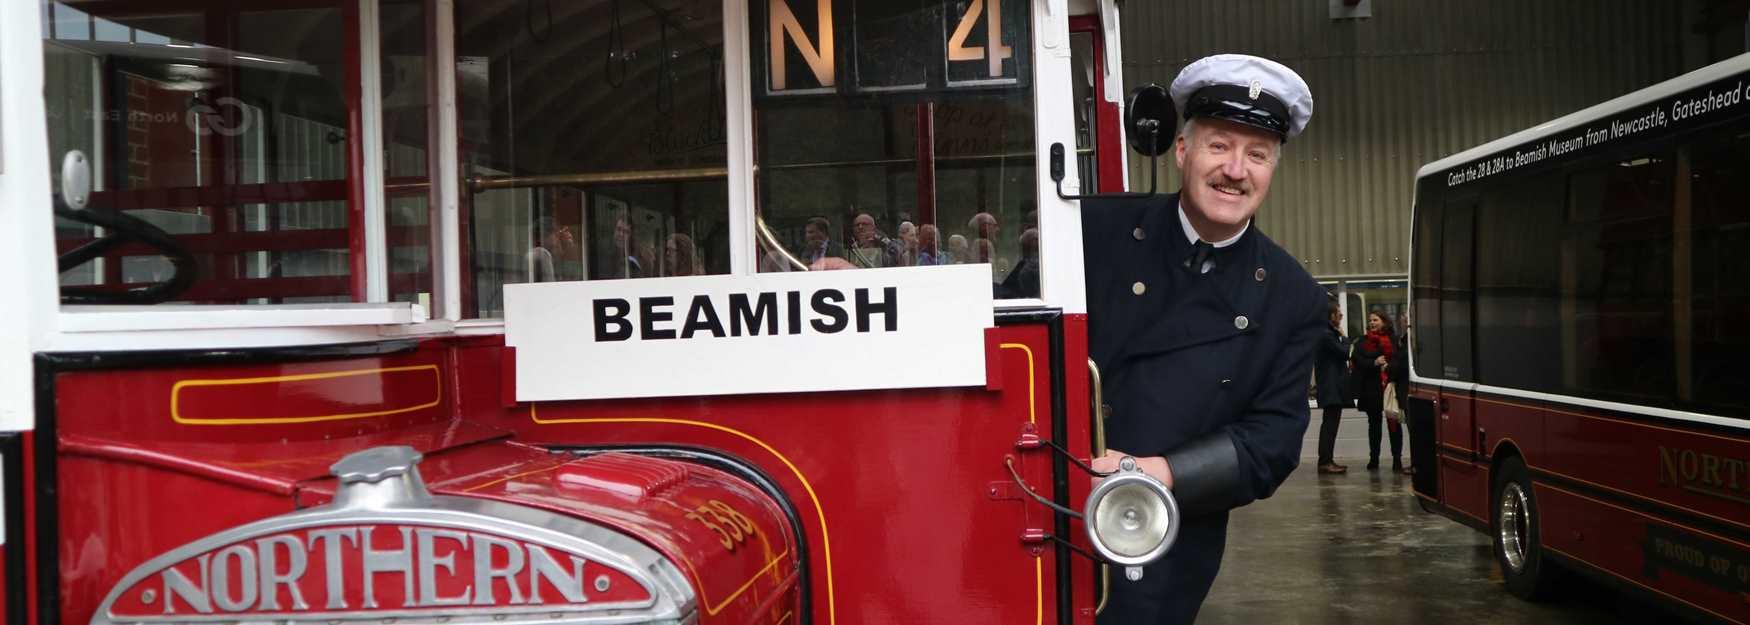 Bus Depo at Beamish